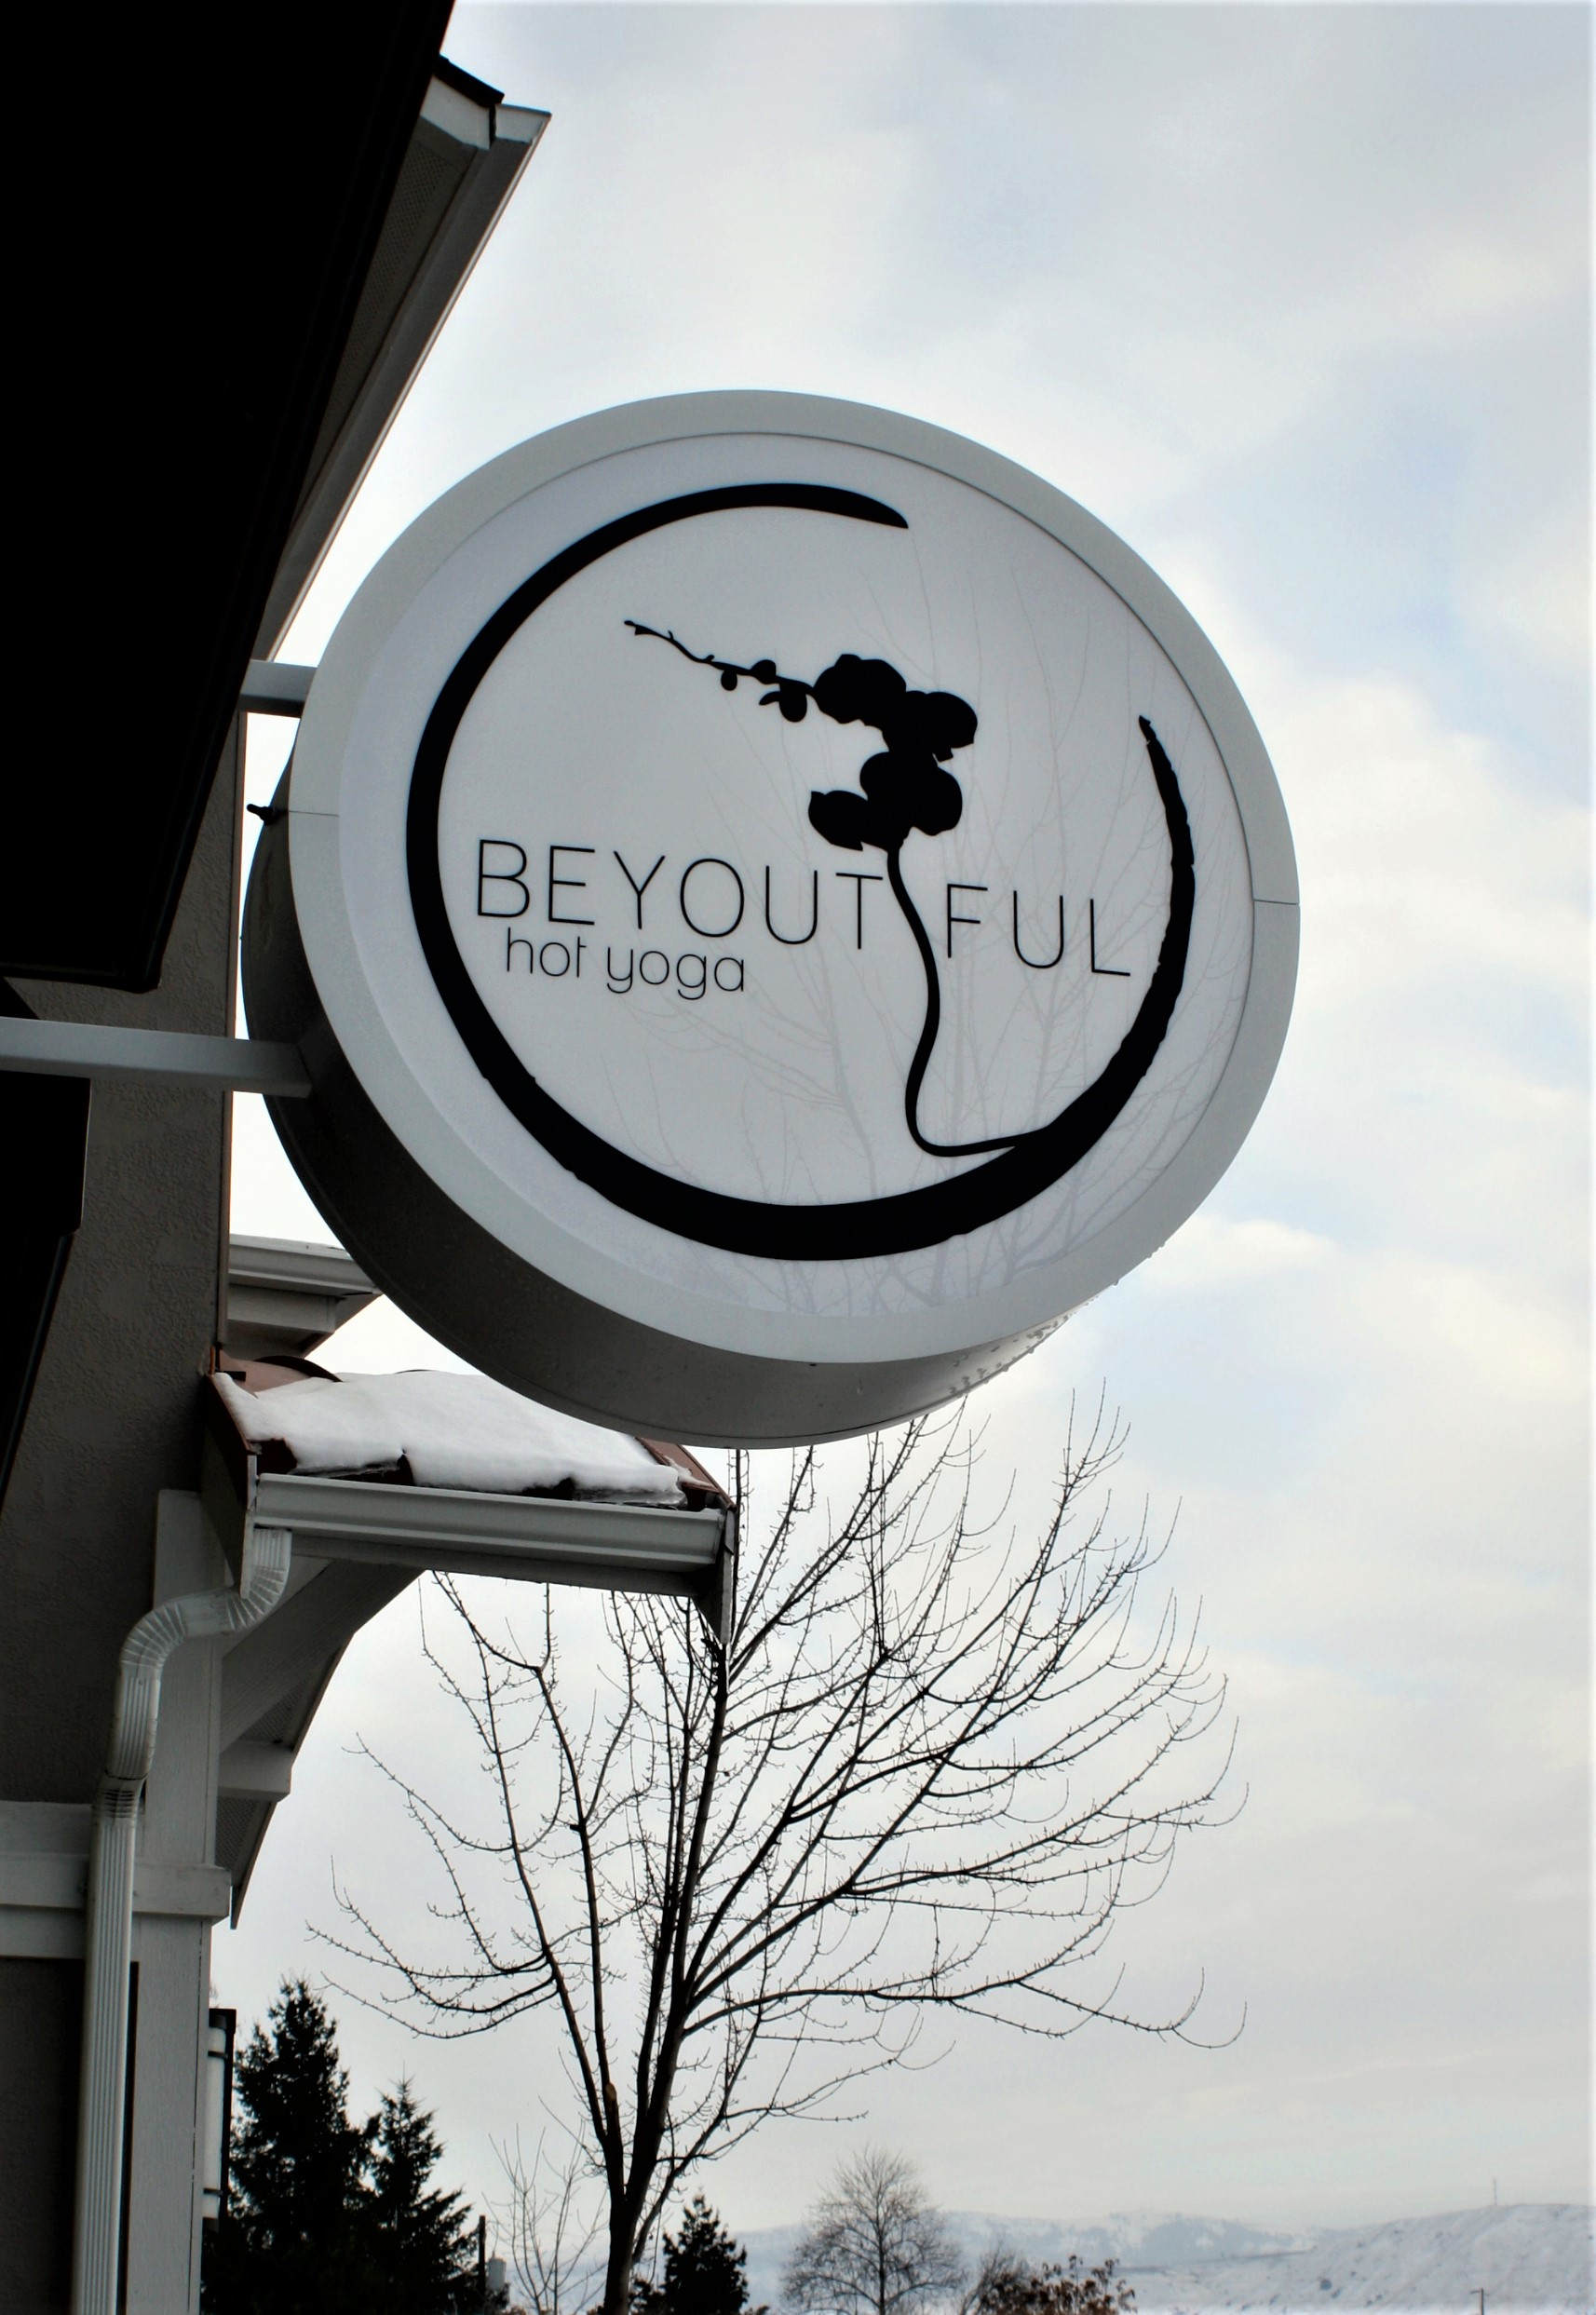 beyoutiful-storefront-2.jpg